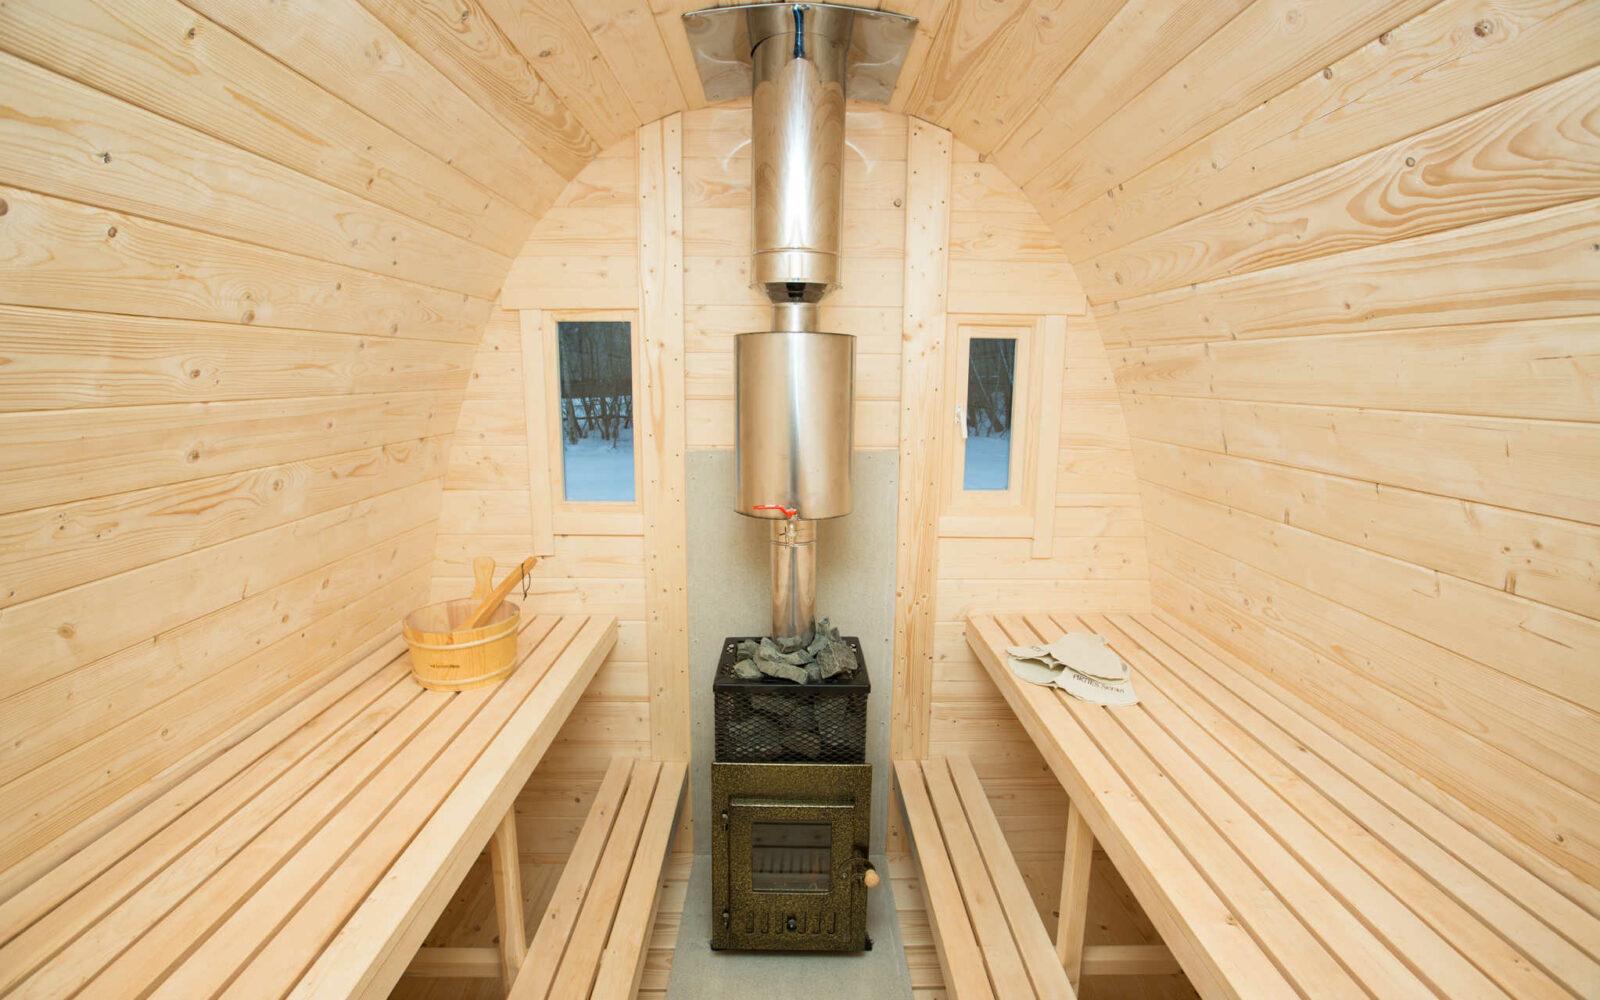 Outdoor Home sauna to recharge